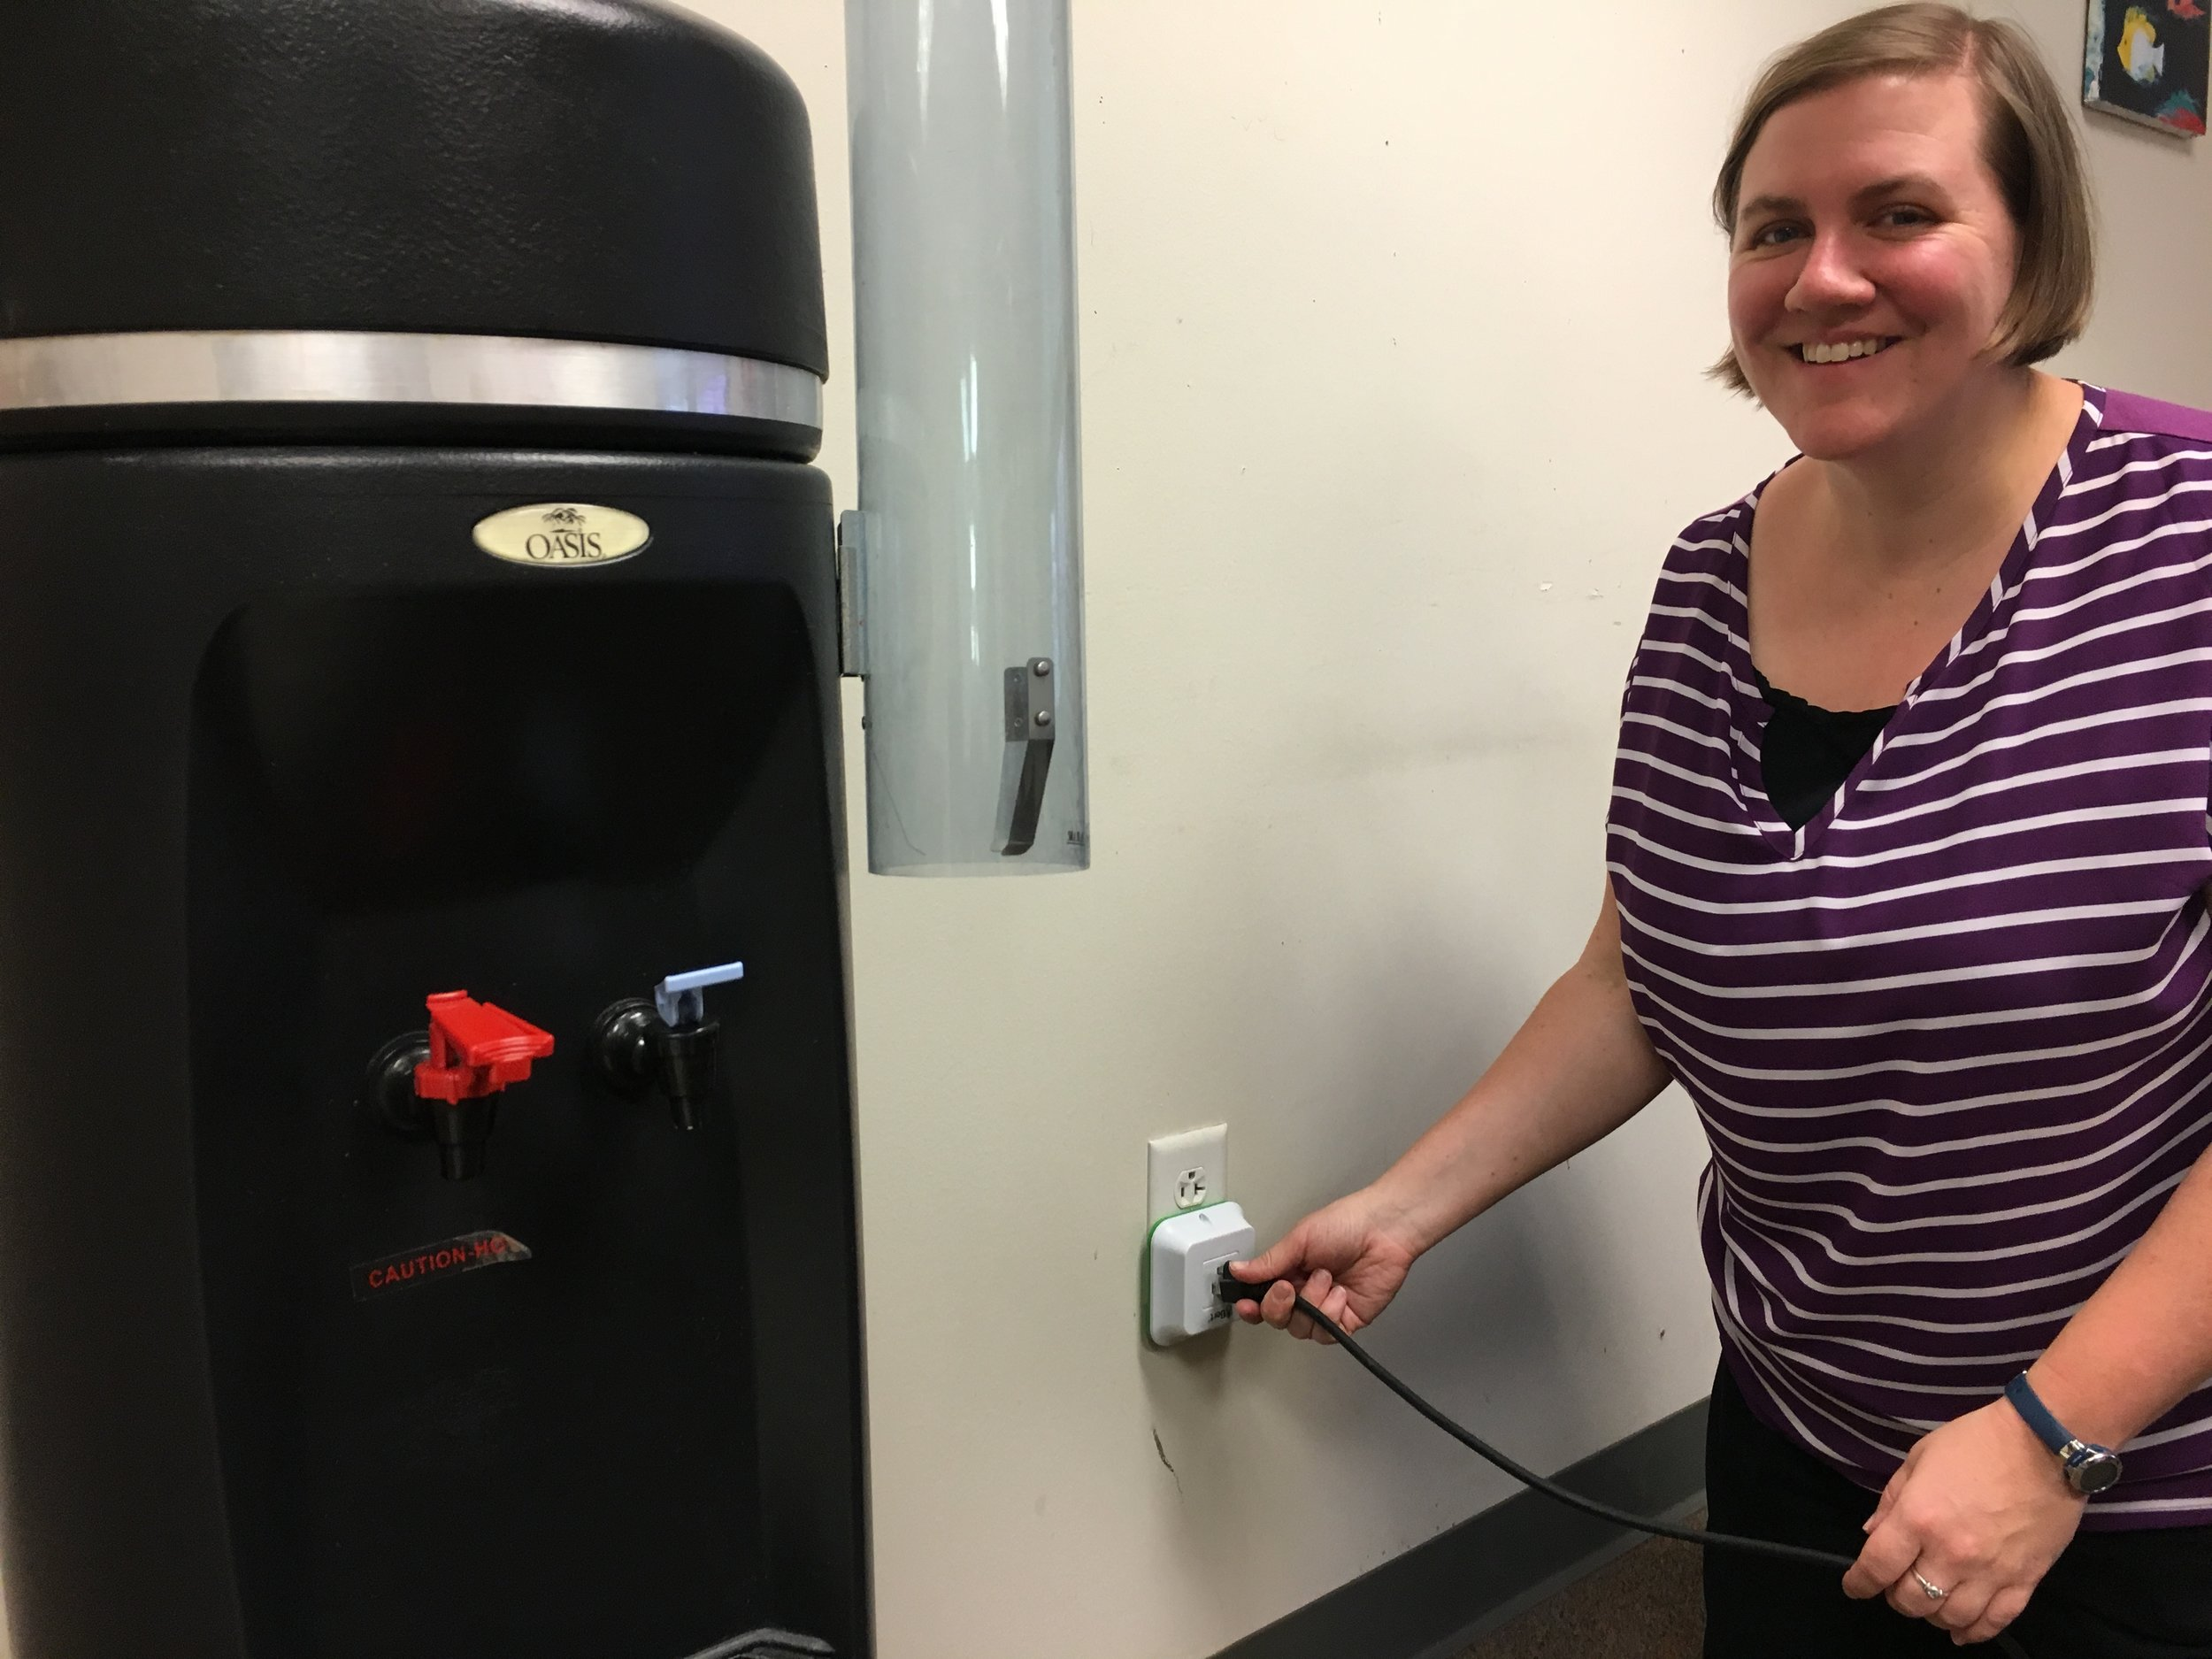 SCH's Upper School Science Teacher, Ellen Kruger, plugging in a BERT device to measure energy consumption.